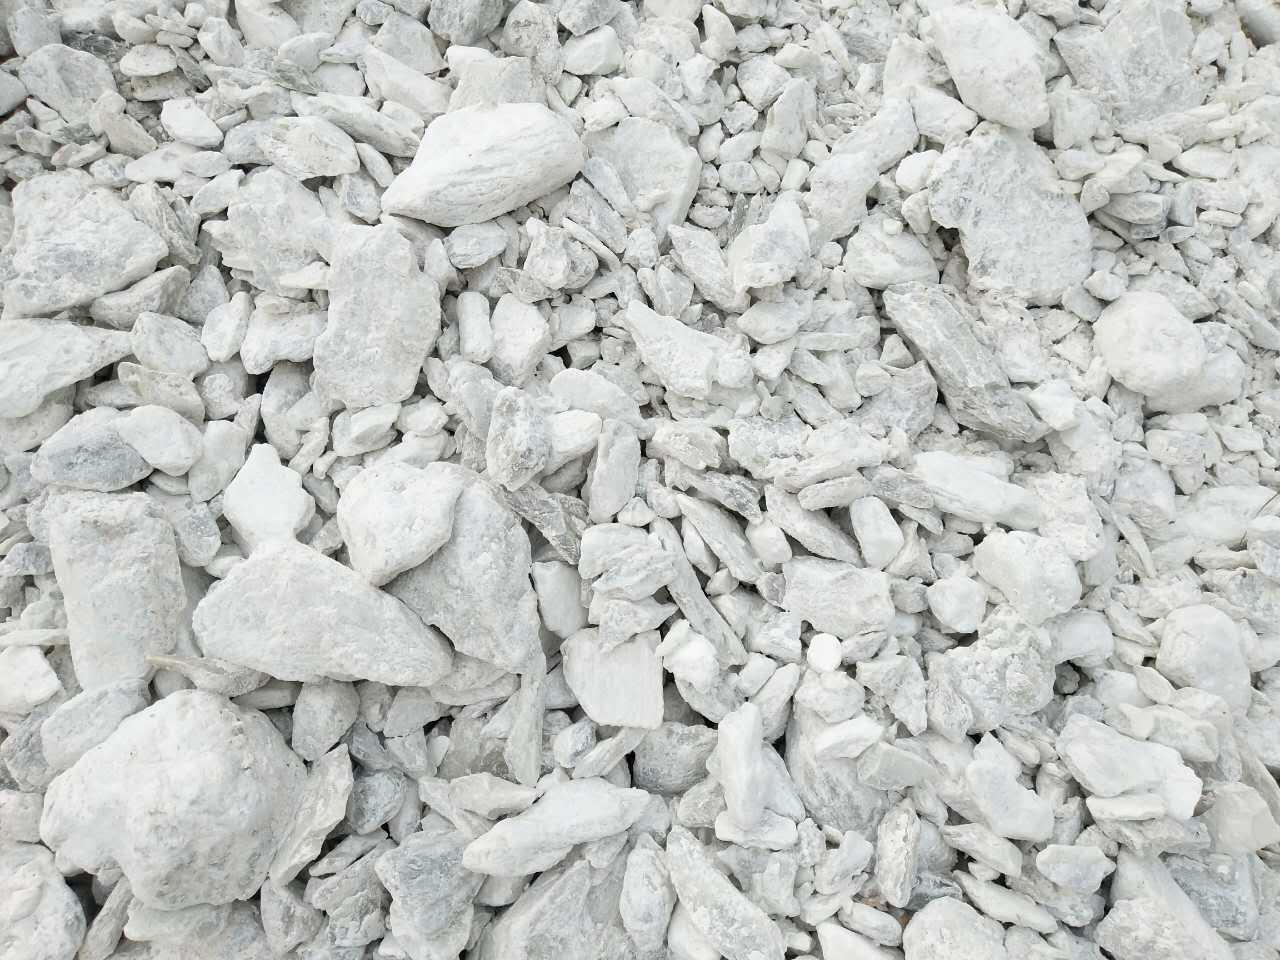 Purchasing talc ore/steatite/speckstone/soapstone/pencil stone